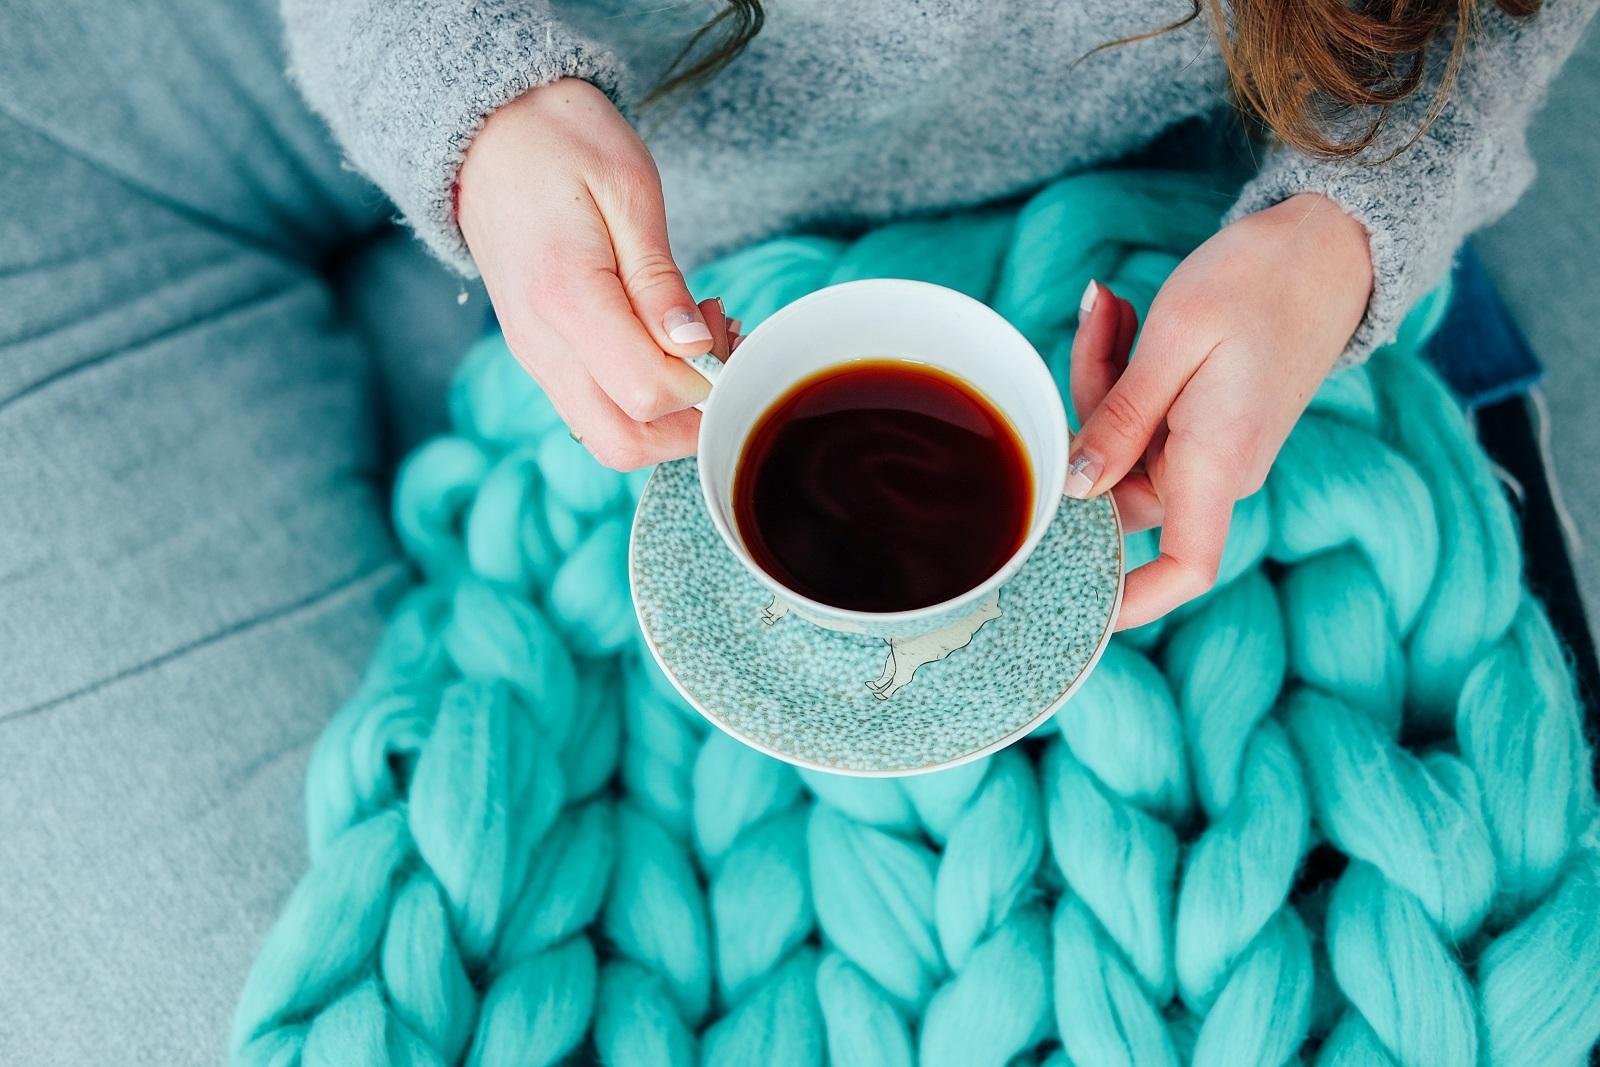 Черен чай вместо кафе<br /> Черният чай е богат на антиоксиданти и хидратира тялото, за разлика от кафето, което го дехидратира. Енергийният тласък, който ще получите от кафето, може да се ви се стори по-силен в началото, но бързо ще отмине. Докато черният чай ще ви разсъни и ободри по-бавно, но за сметка на това за целия ден.